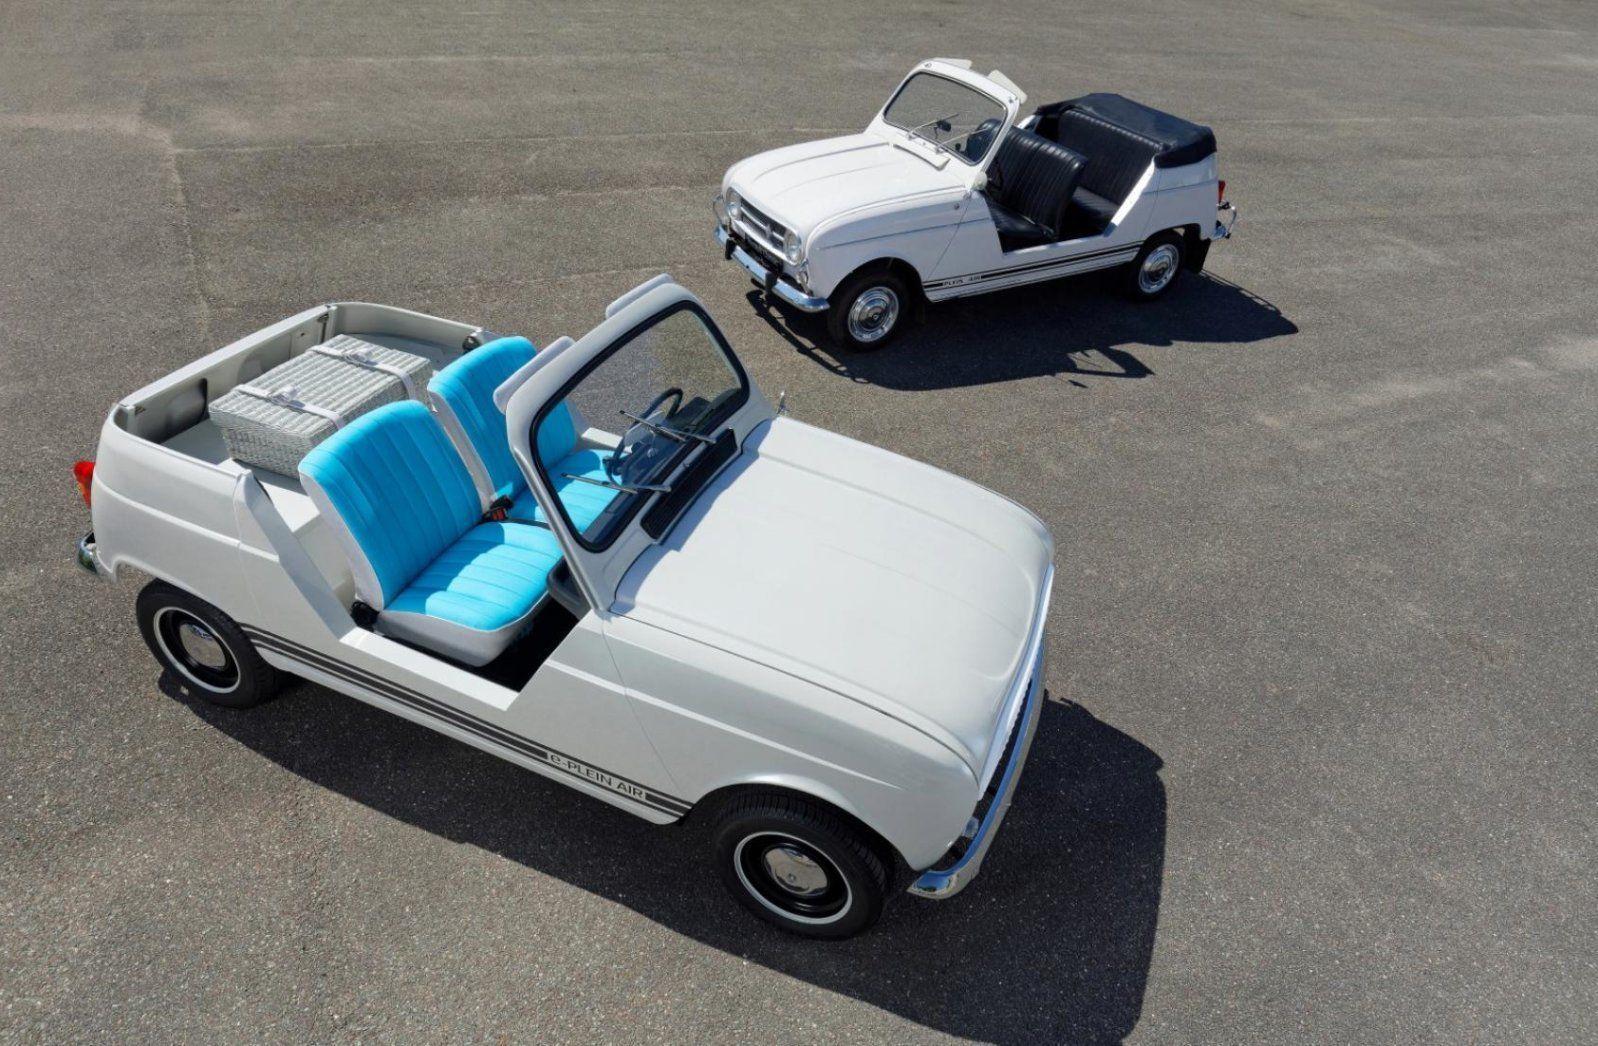 بالصور سيارة رينو Concept E Plein Air تحفة فنية قديمة تتحول إلى سيارة كهربائية Renault 4 Concept Cars Renault